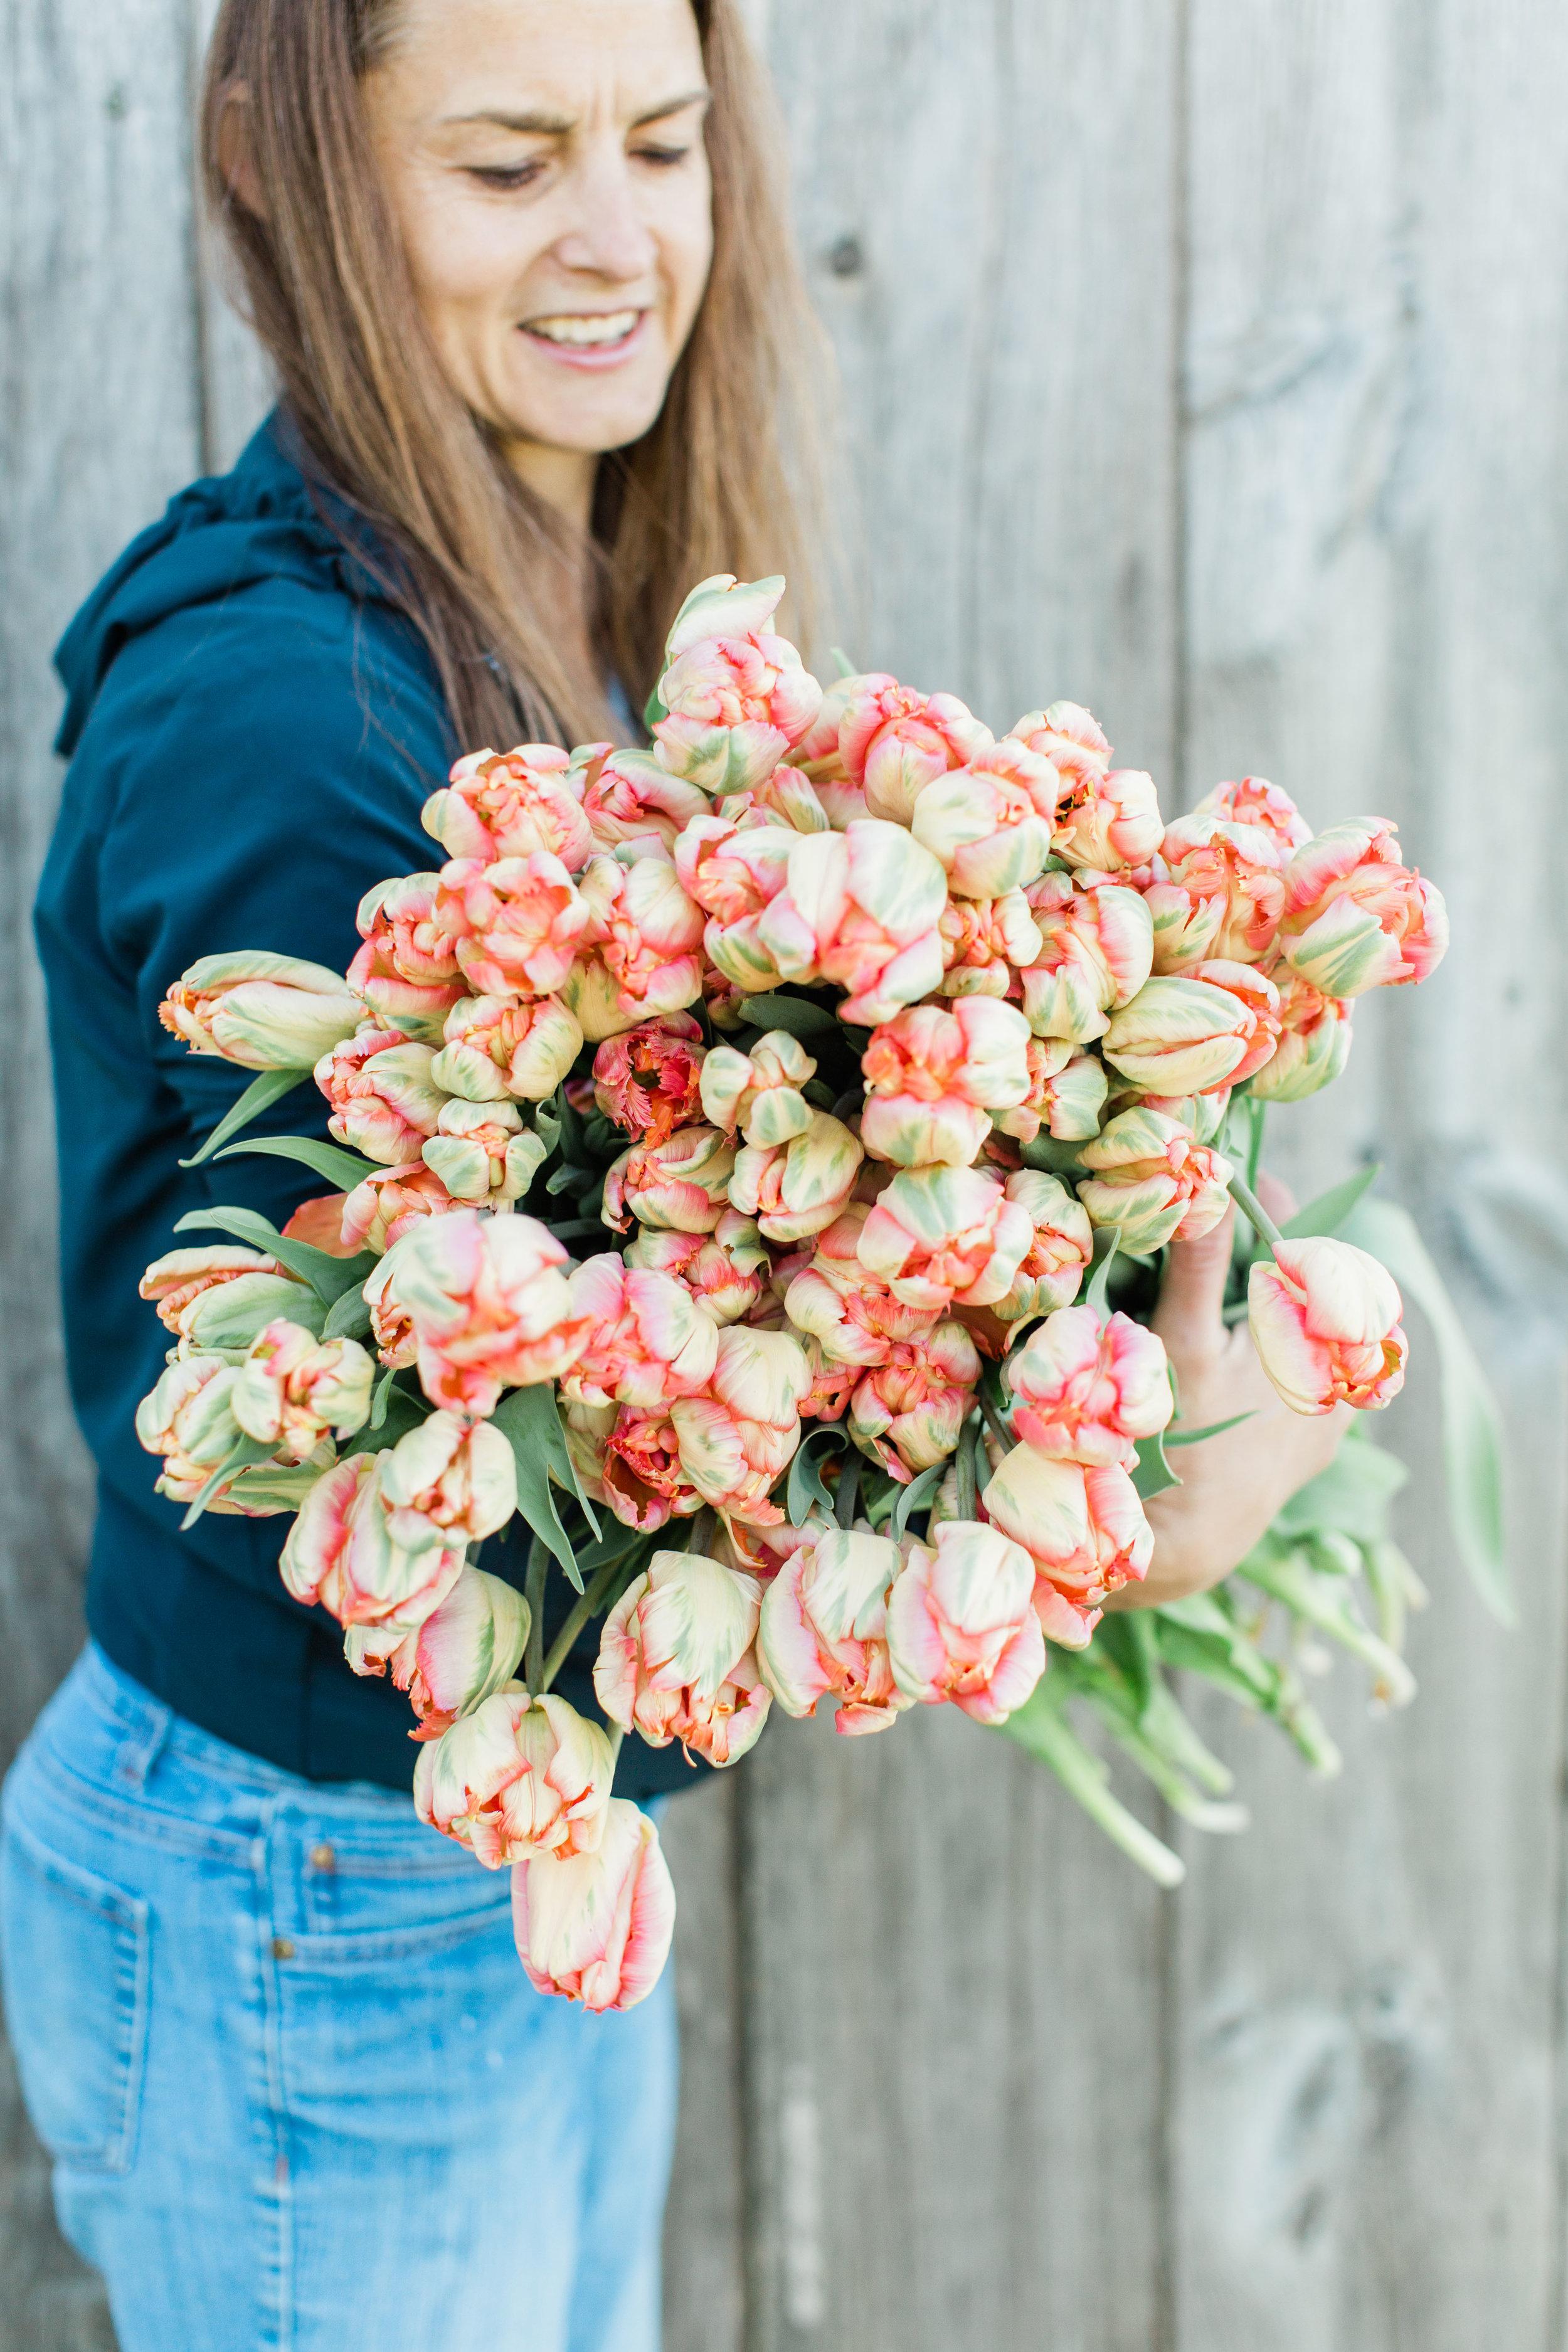 FlourishFlowers4-23-19-25.jpg